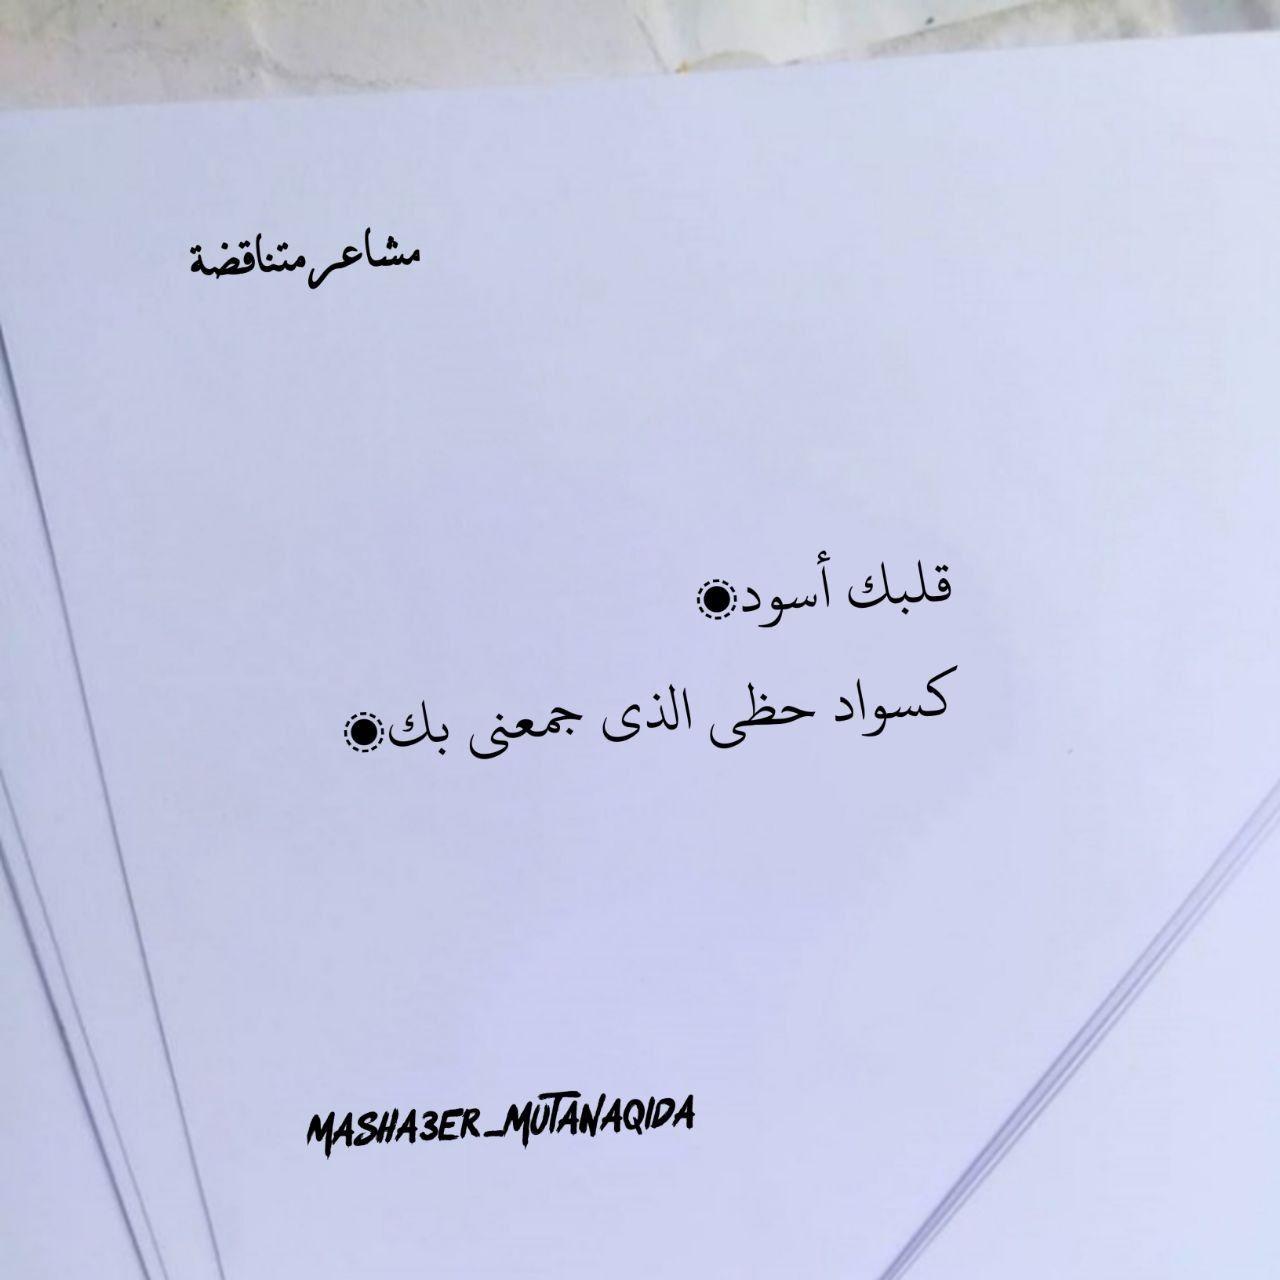 قلبك أسود کسواد حظي الذي جمعني بك Instagram Calligraphy Arabic Calligraphy